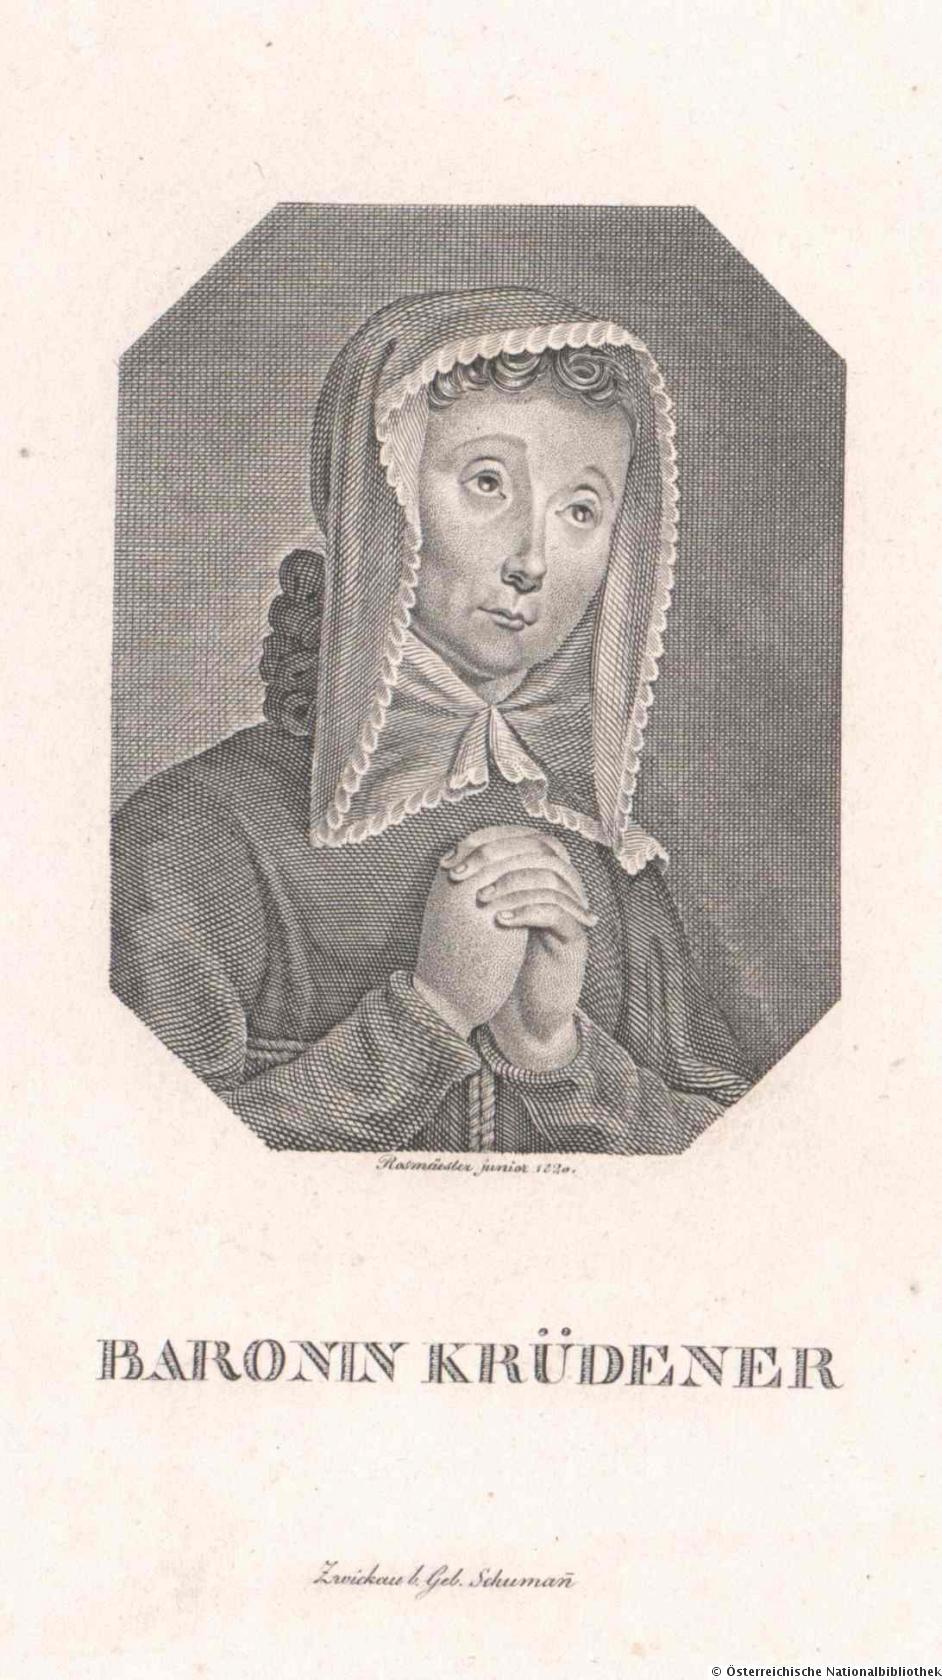 """Retrato da Baronesa de Krüdener, como era em 1820, apresentado em <em>A Vida e as Cartas de Madame de Krudener</em> (1893), de Clarence Ford - <a href=""""https://archive.org/details/lifelettersofmad00fordiala"""" target=""""_blank"""" rel=""""noopener noreferrer"""">Fonte</a>."""